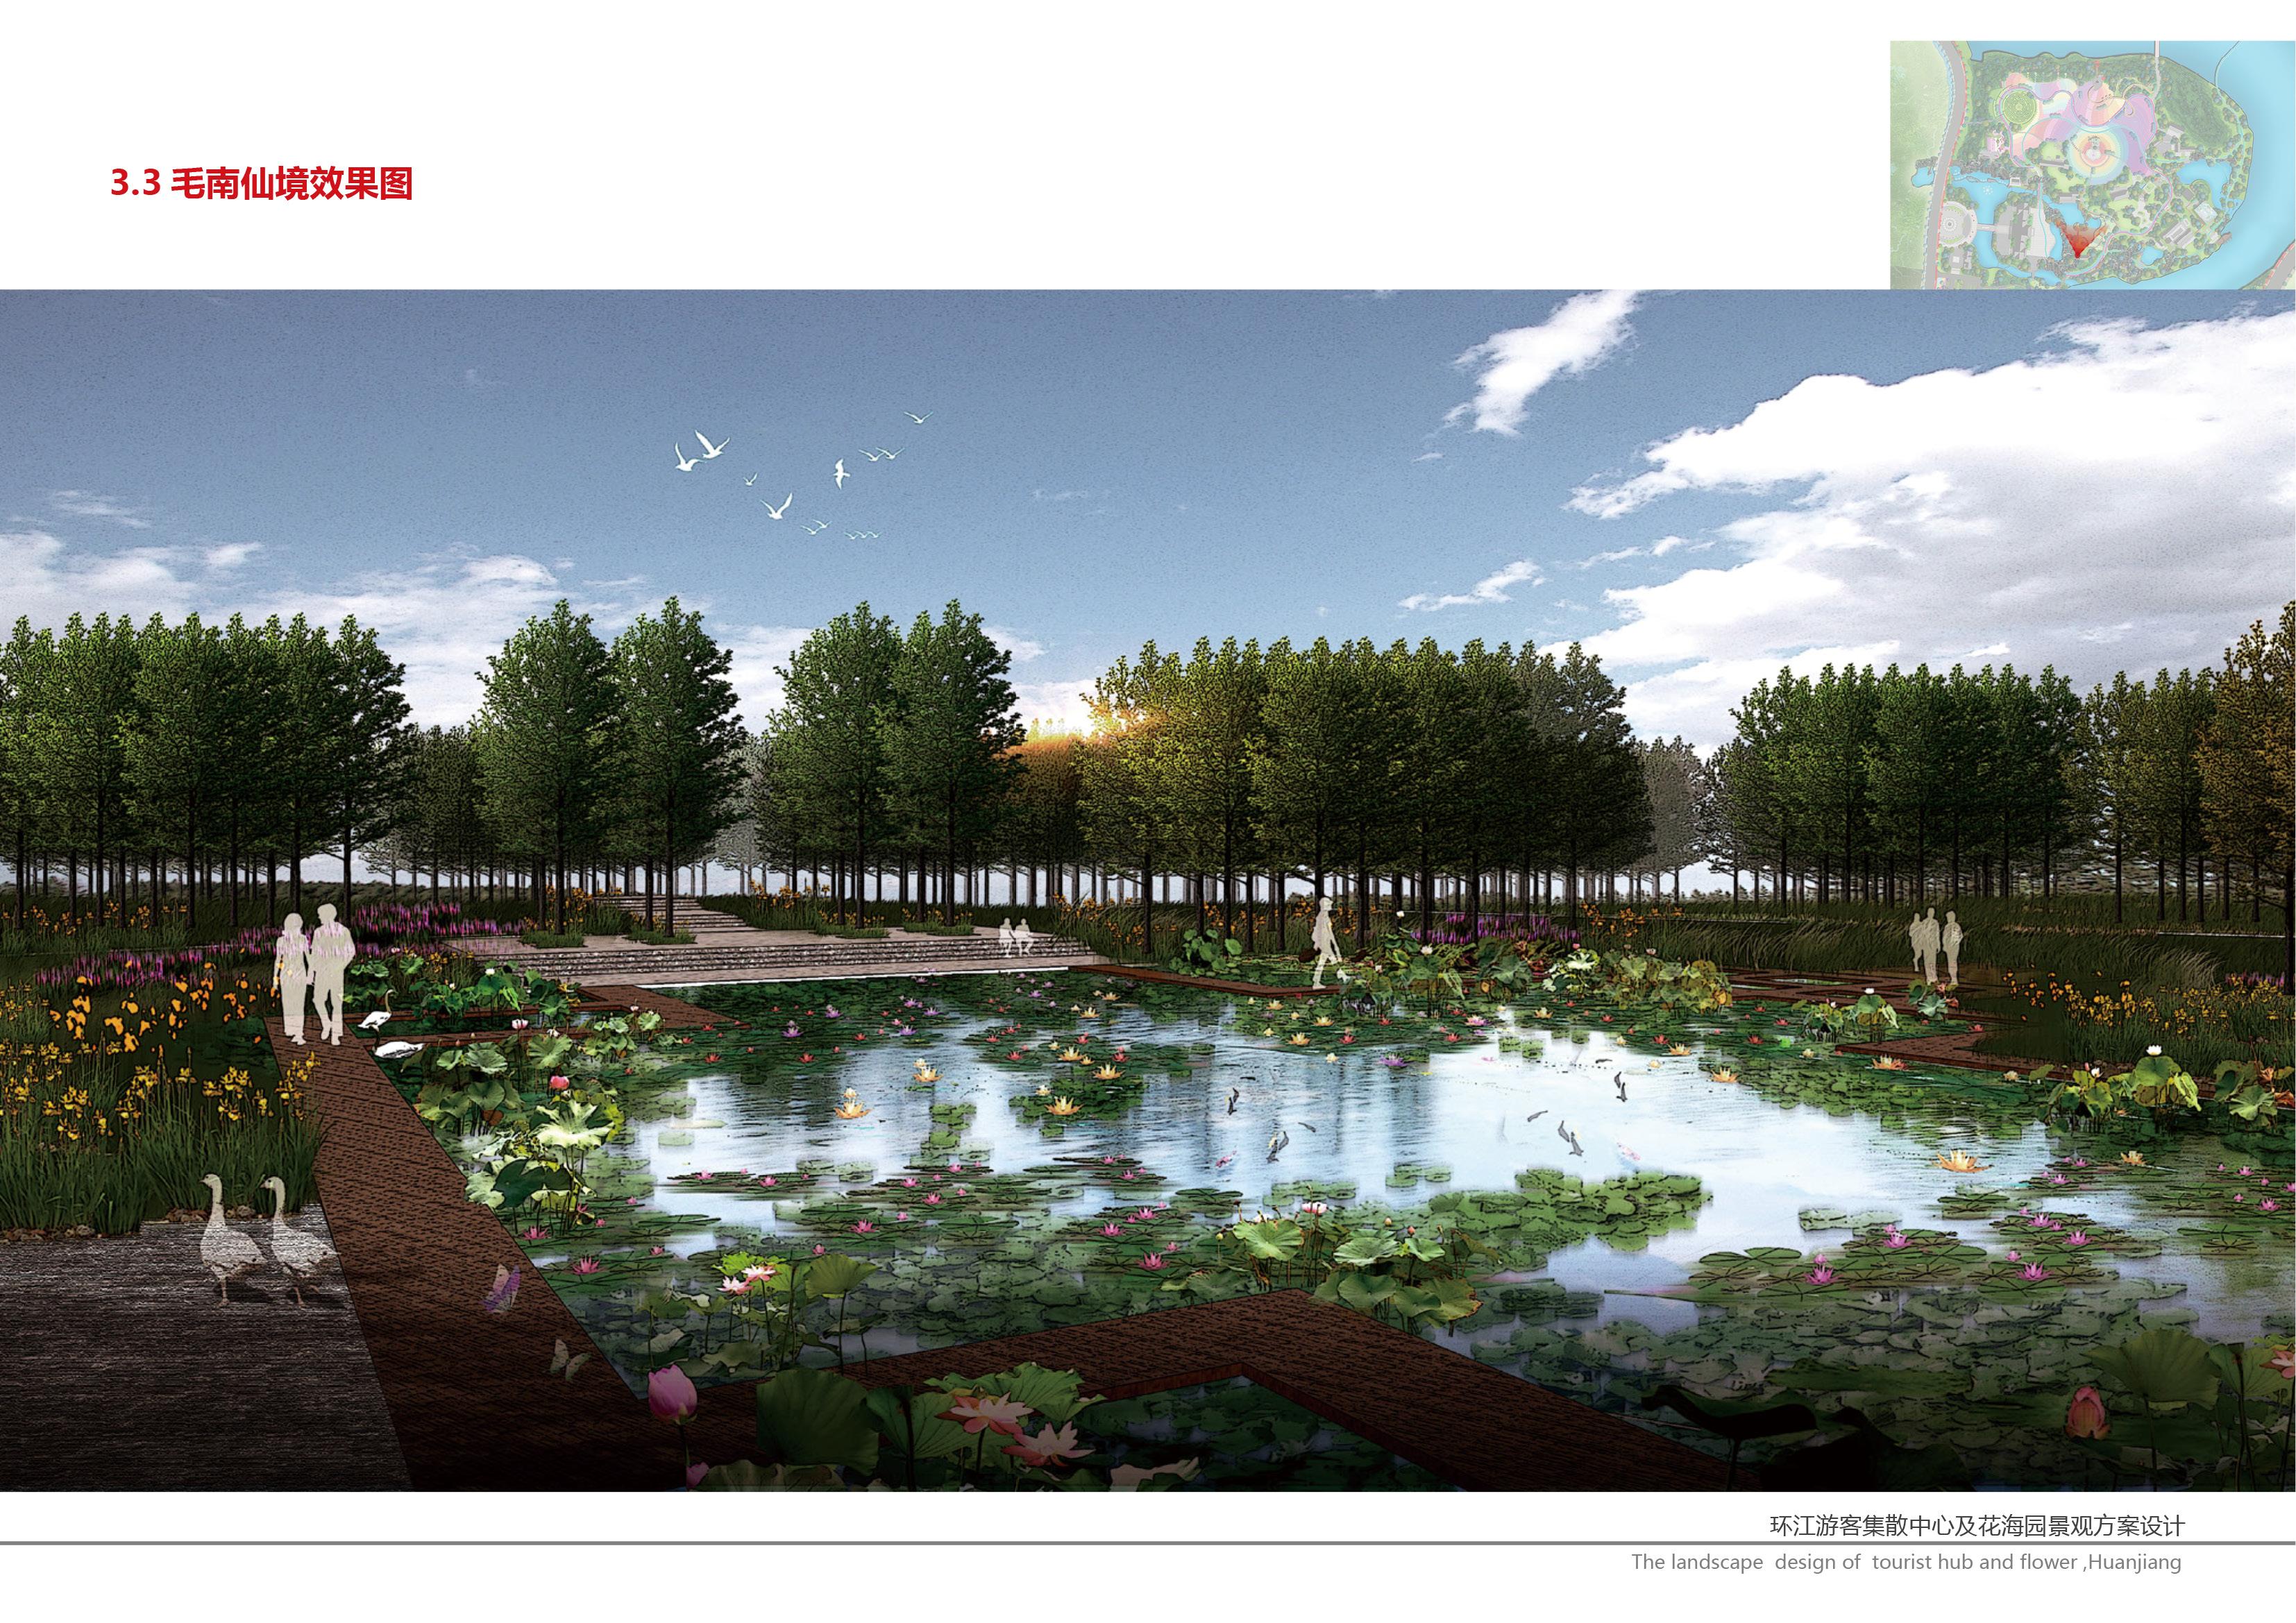 环江下卜花海-环江下卜花海园景观设计63